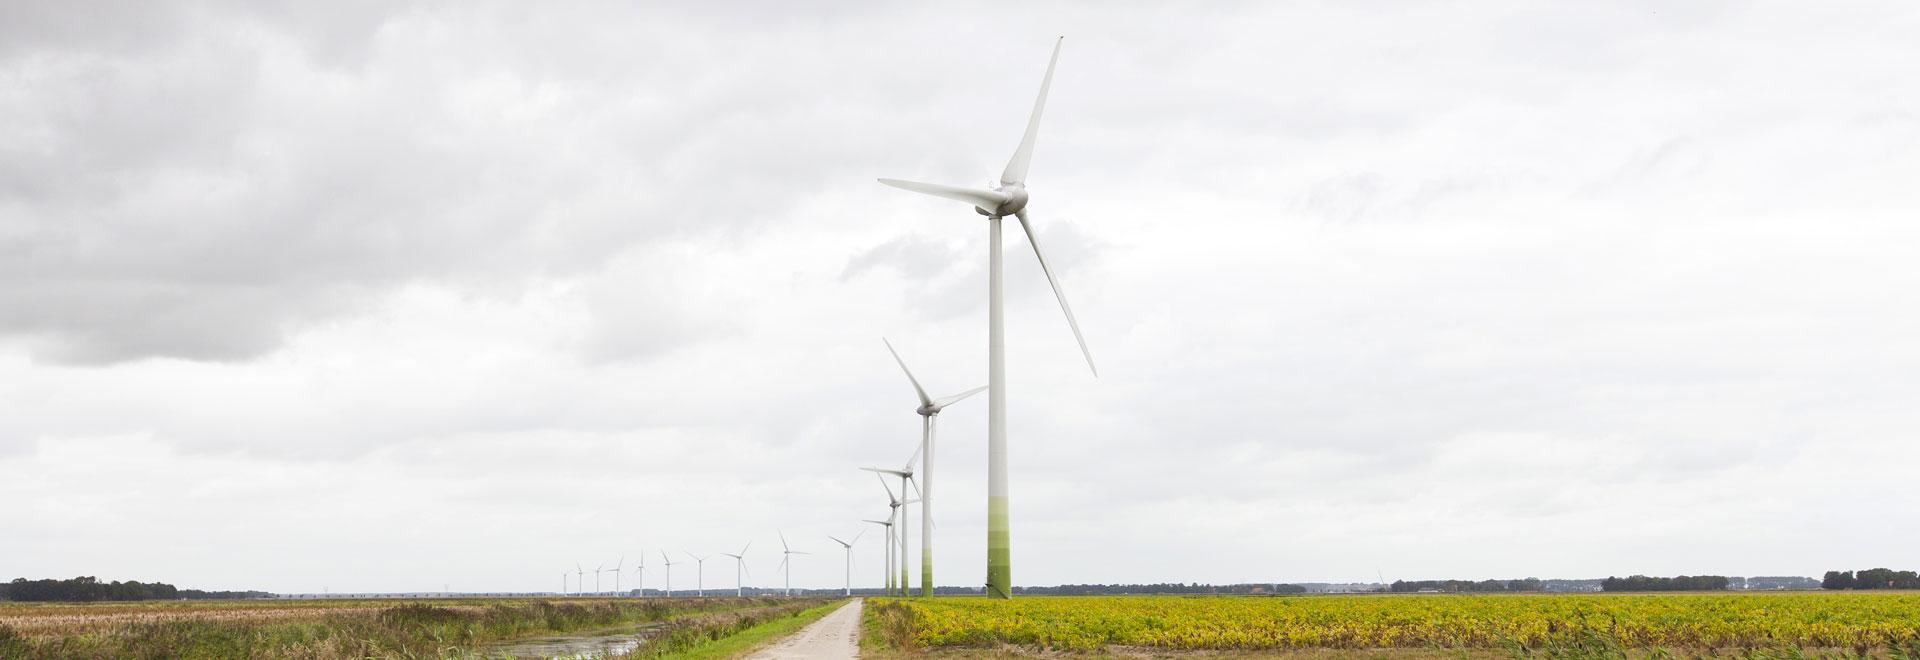 Realisatie windpark De Veenwieken stap dichterbij met nieuwe investeerders